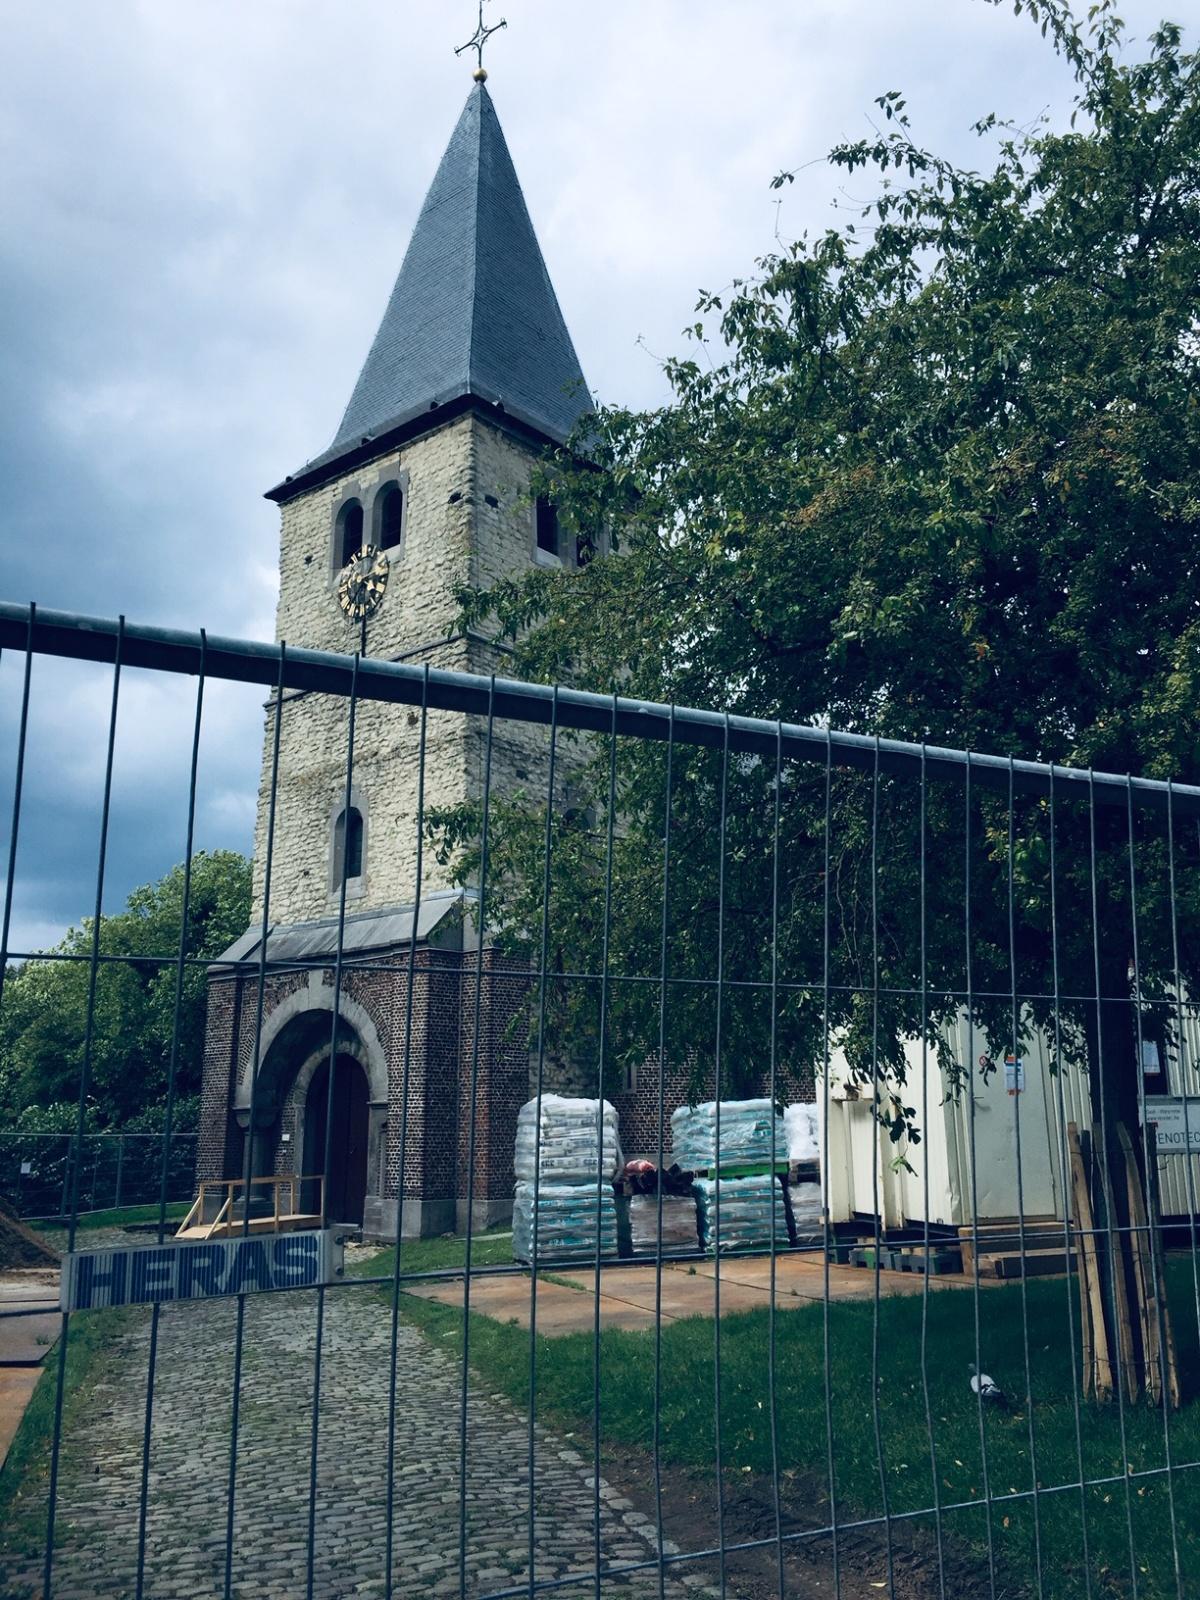 Cet été, l'église Saint-Clément se refait une beauté !💄👀